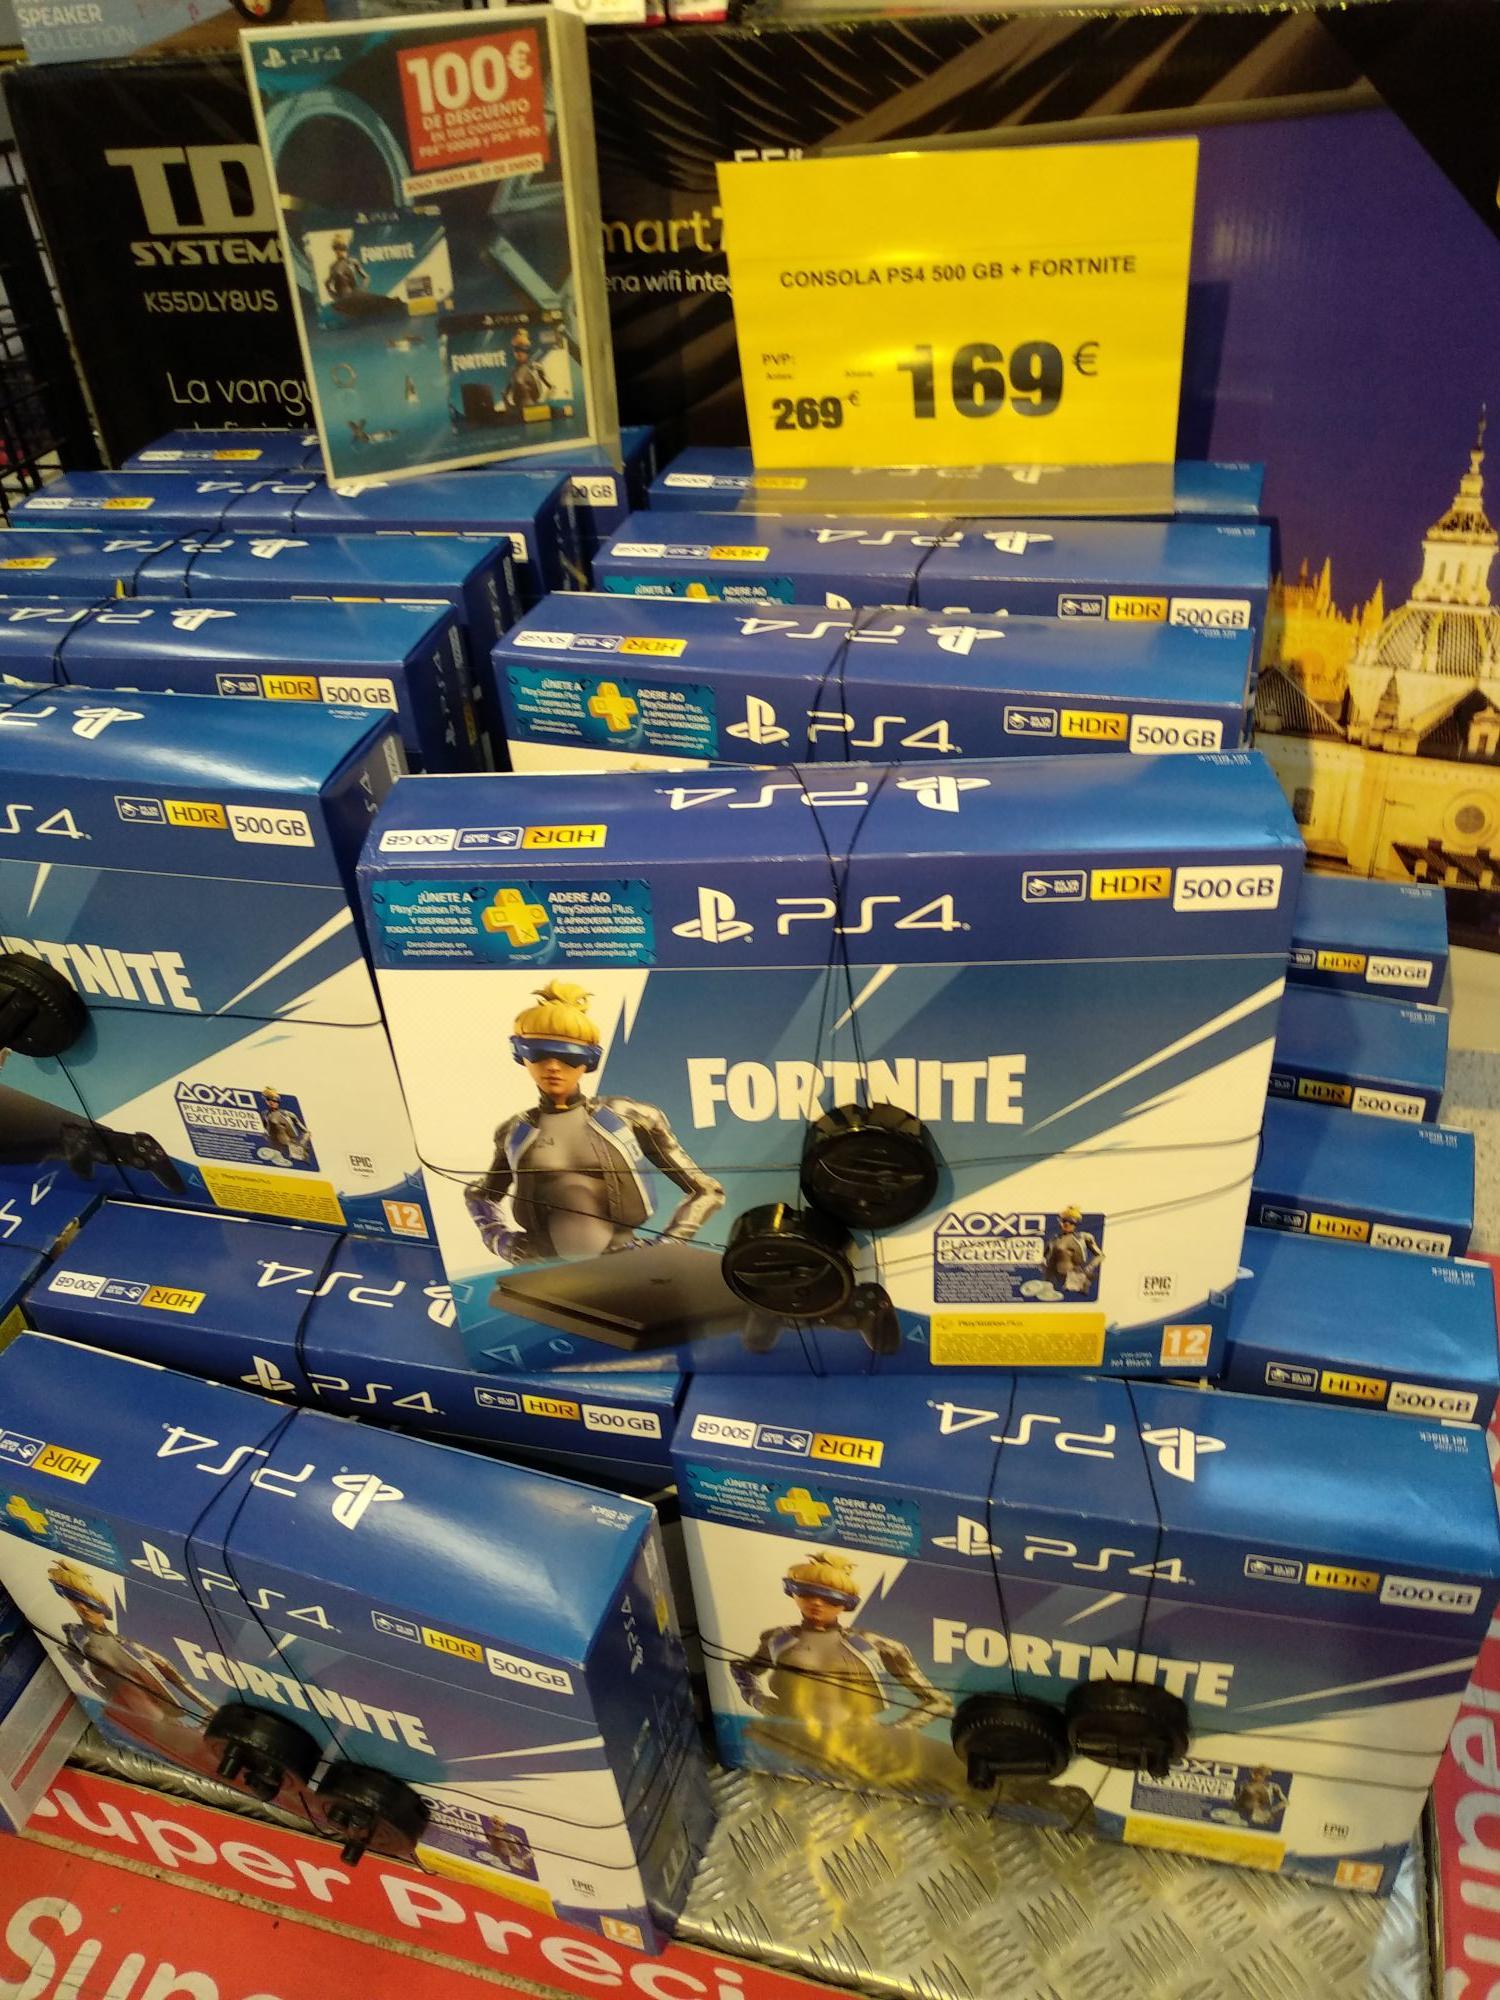 PS4 + Fortnite (Carrefour Centro Comercial Las Arenas)